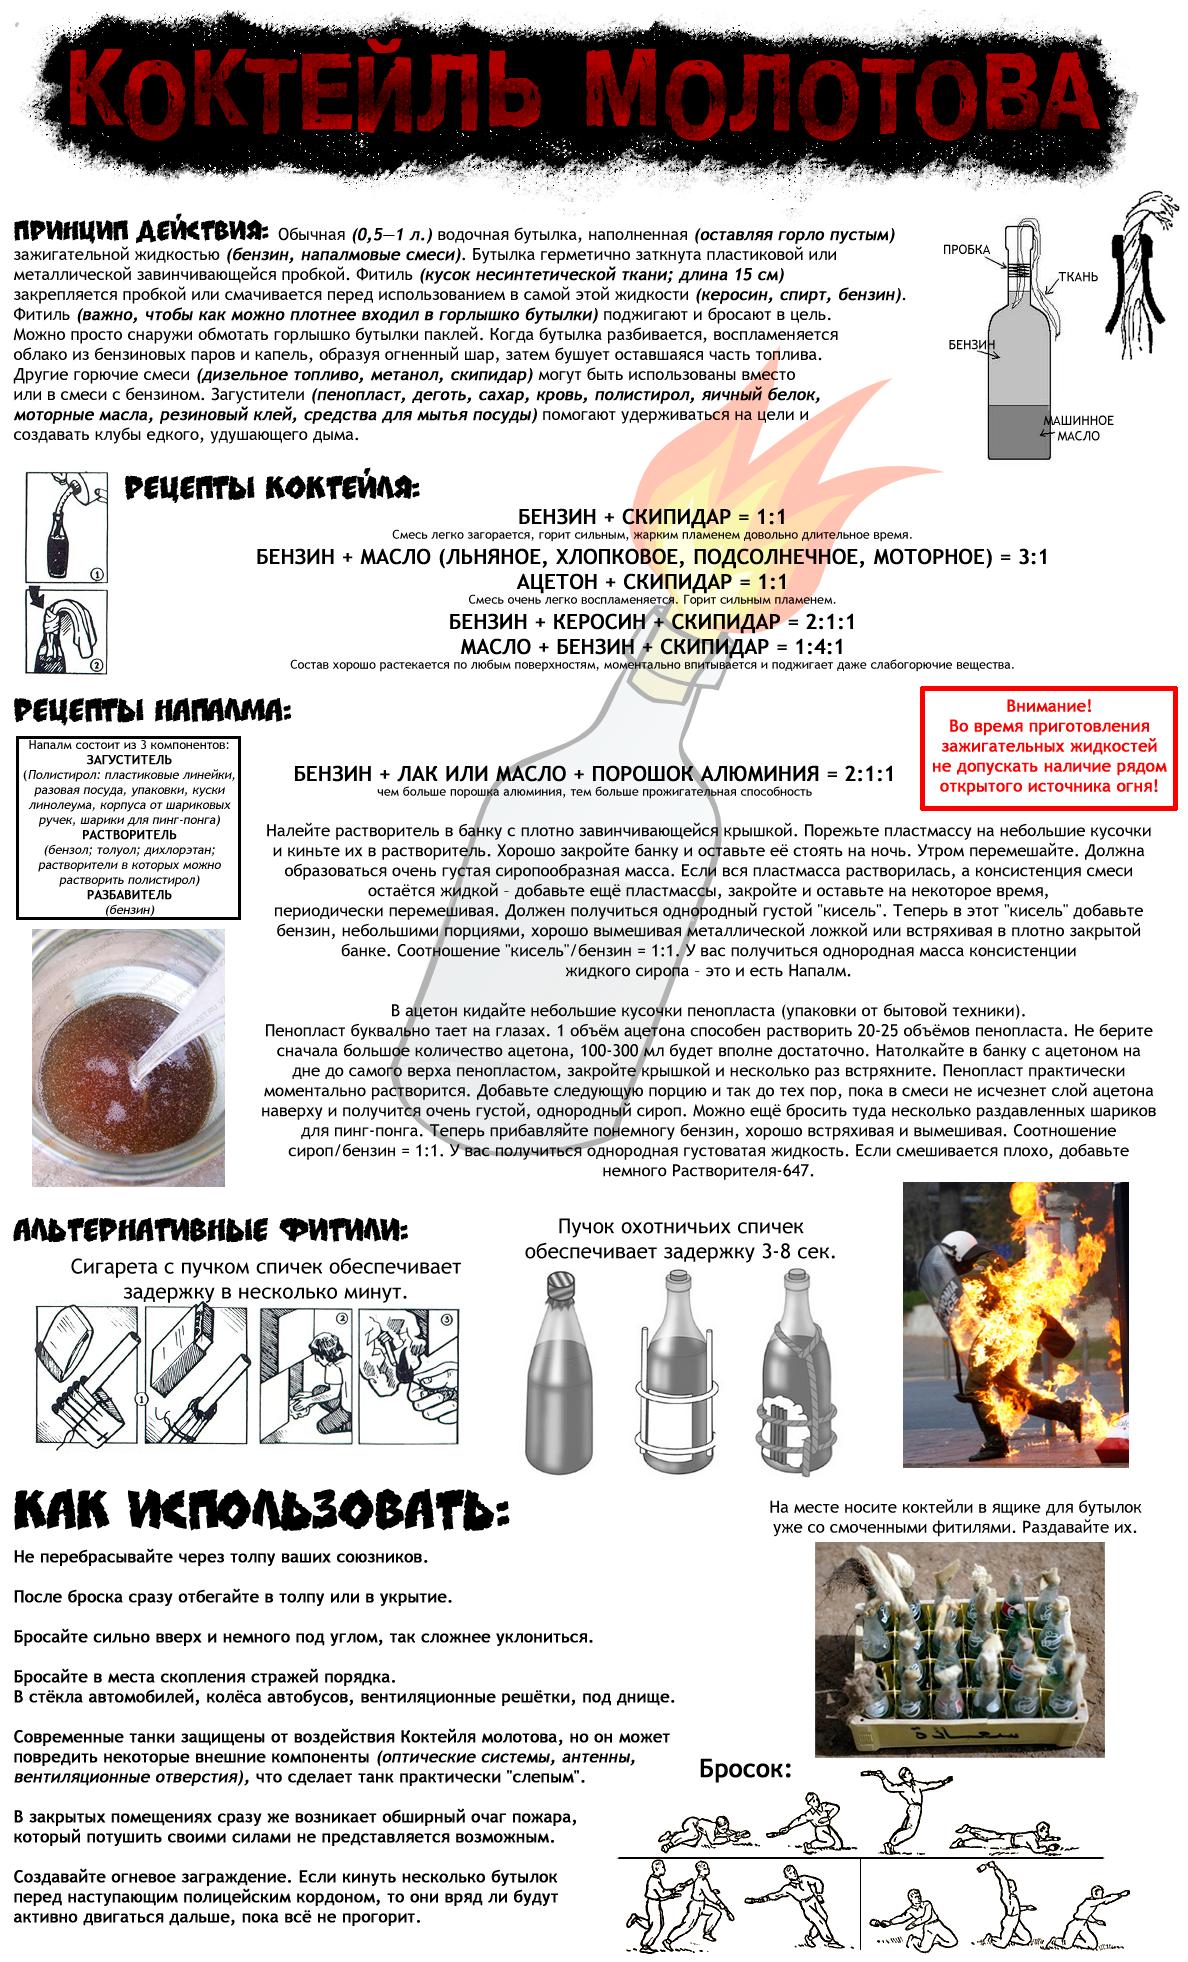 molotov Коктейль Молотова: описание, инструкция, рецепты.